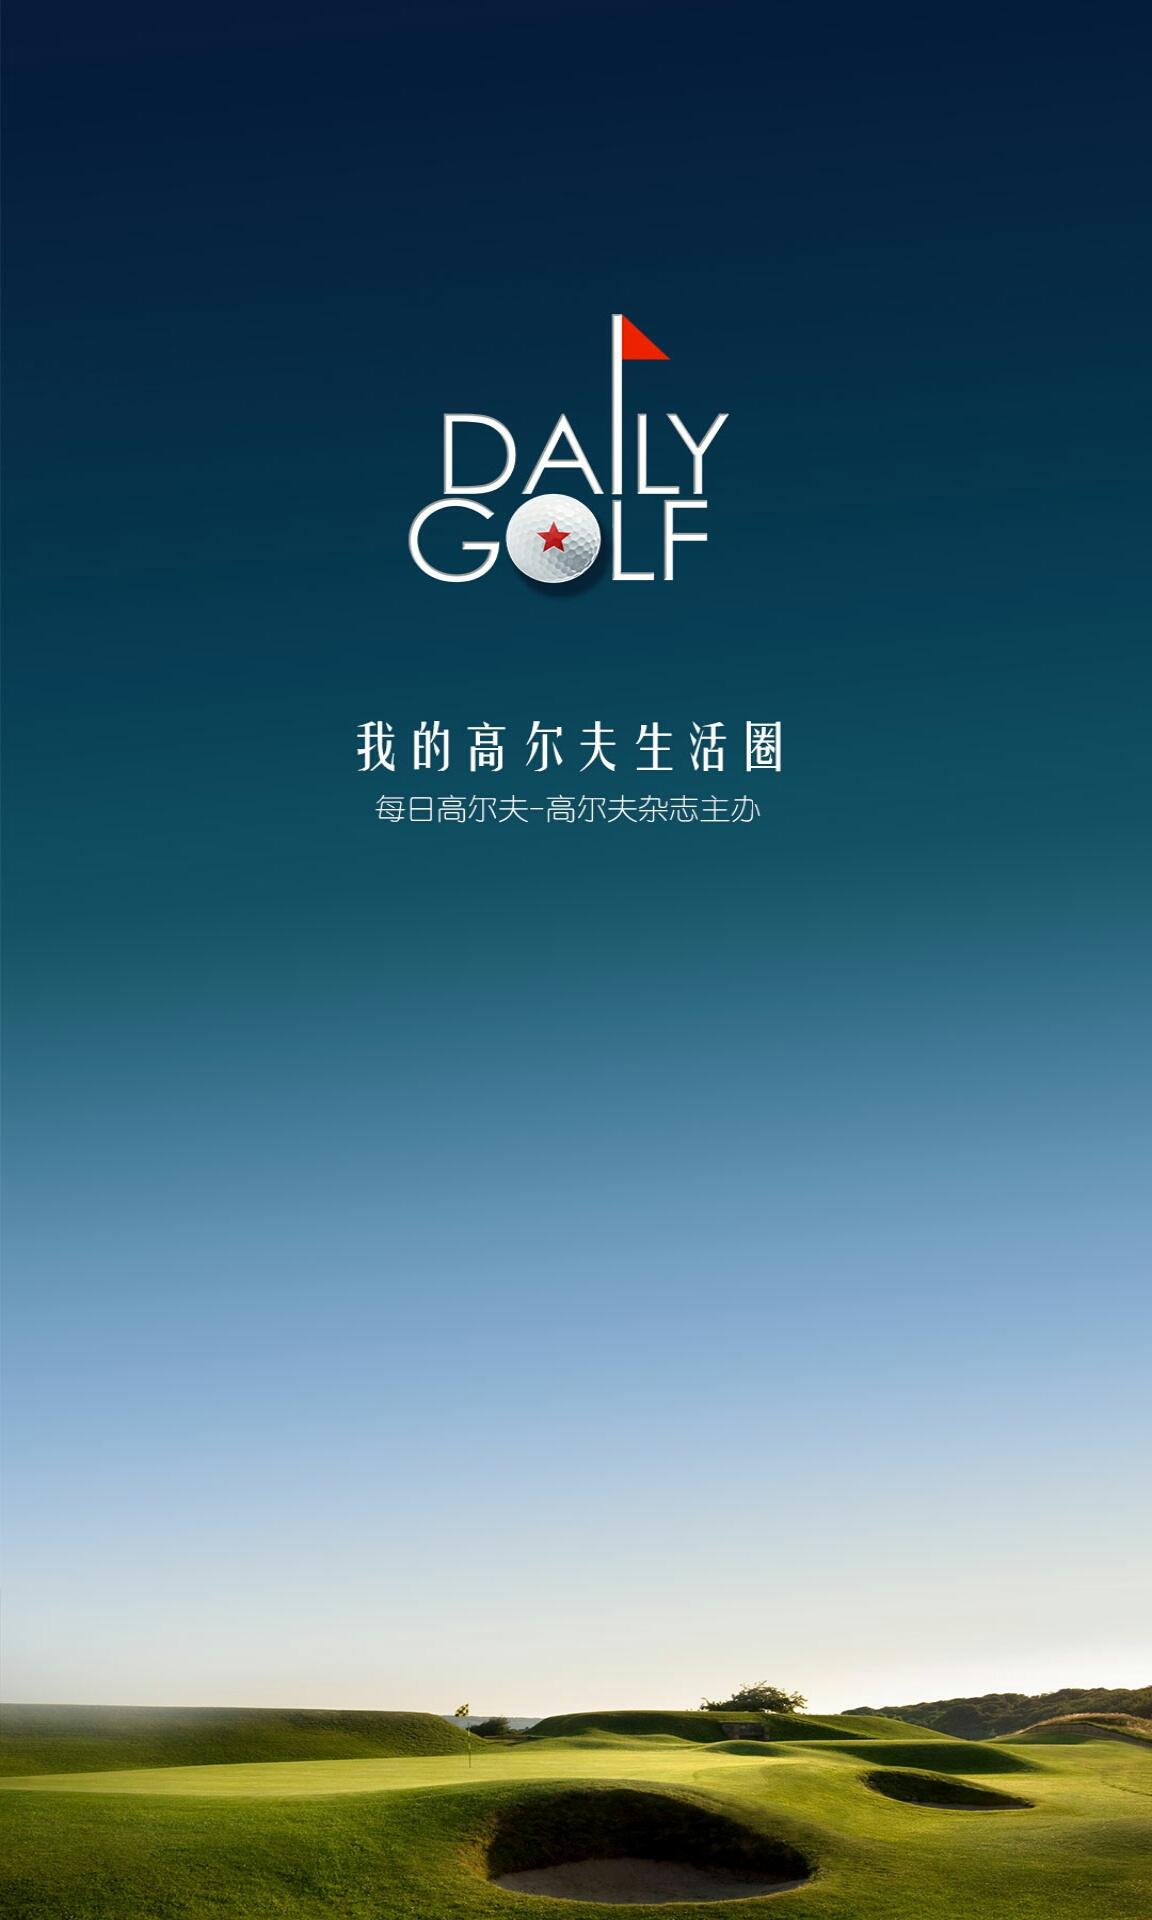 每日高尔夫